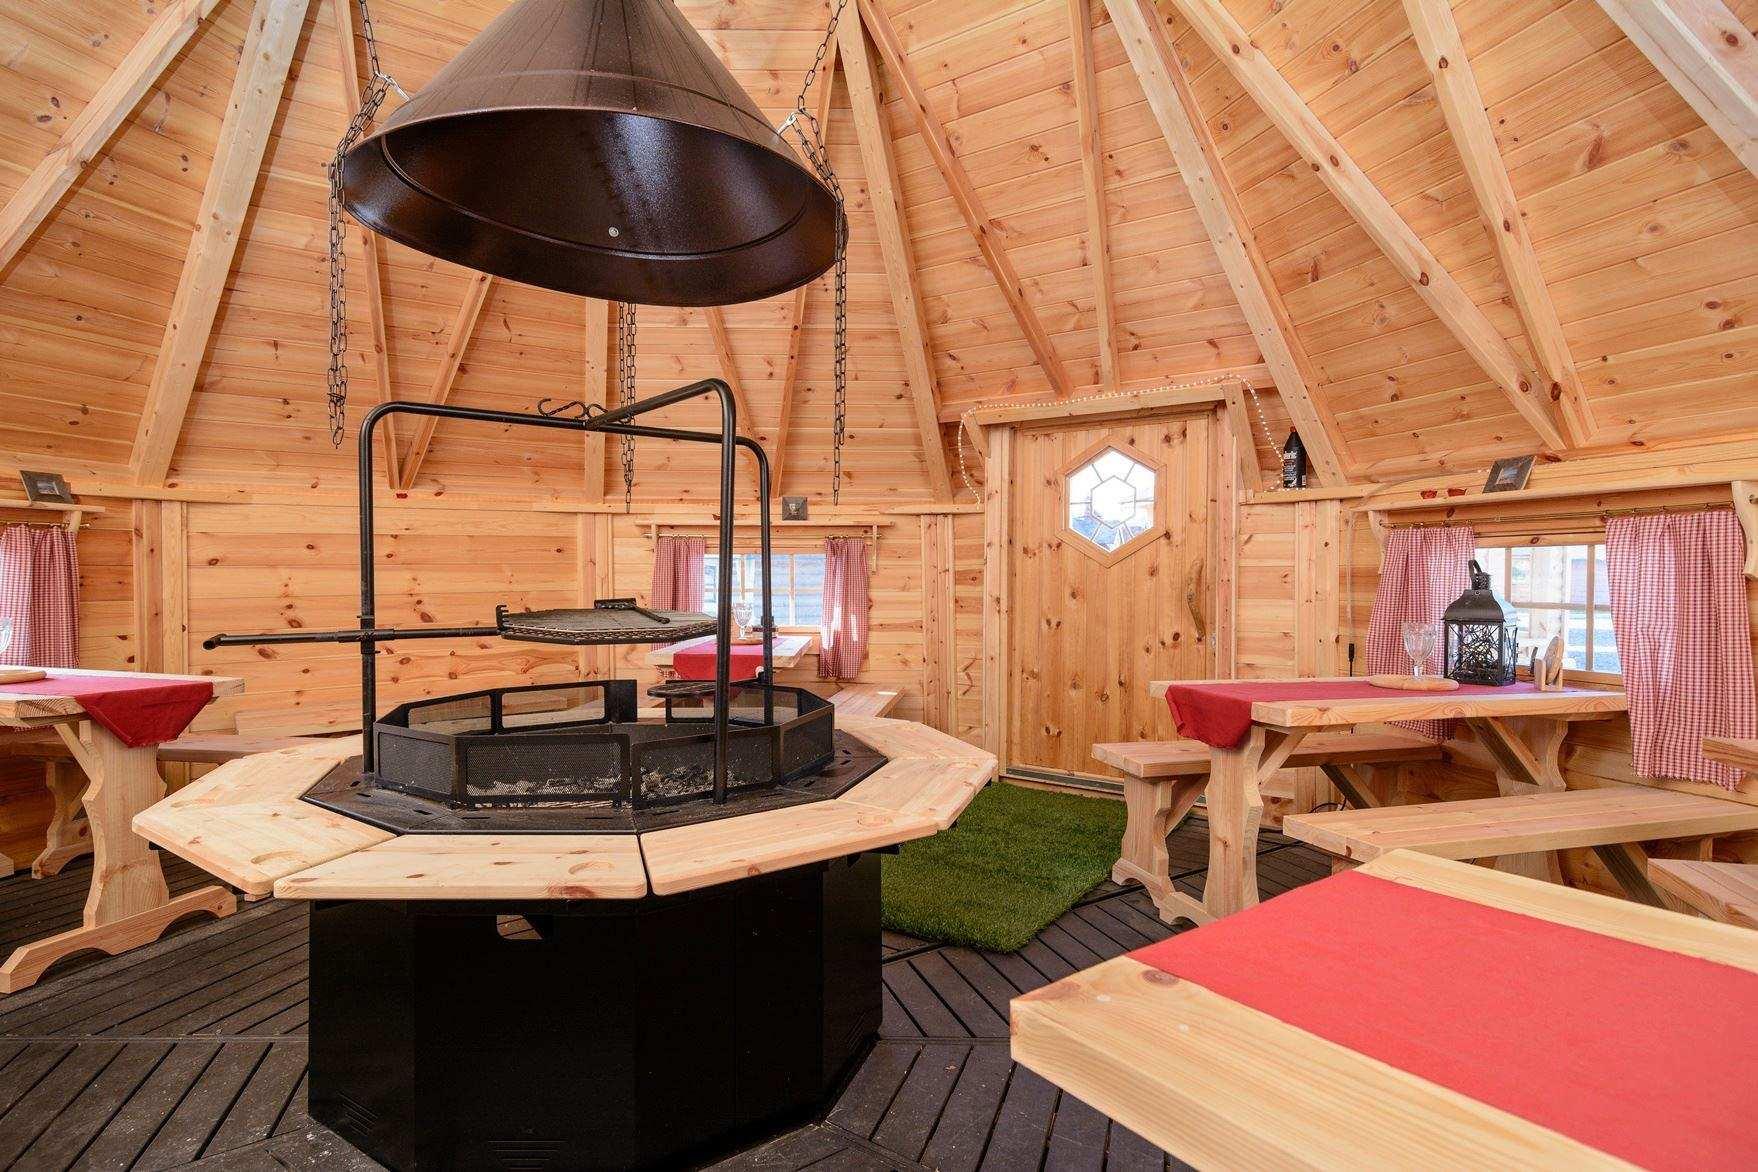 Финские домики барбекю своими руками аппарат для приготовления барбекю